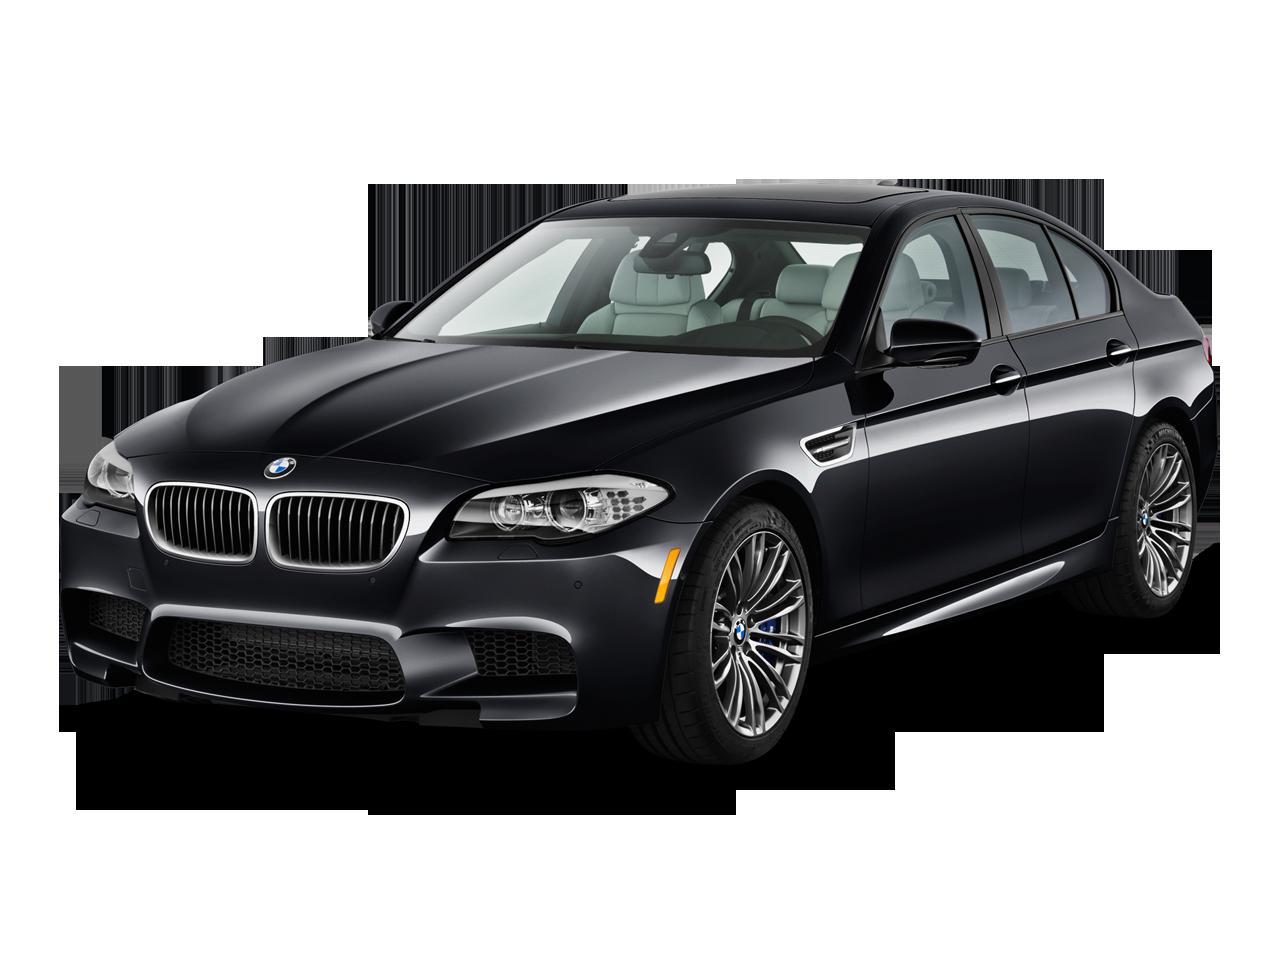 BMW PNG image, free download